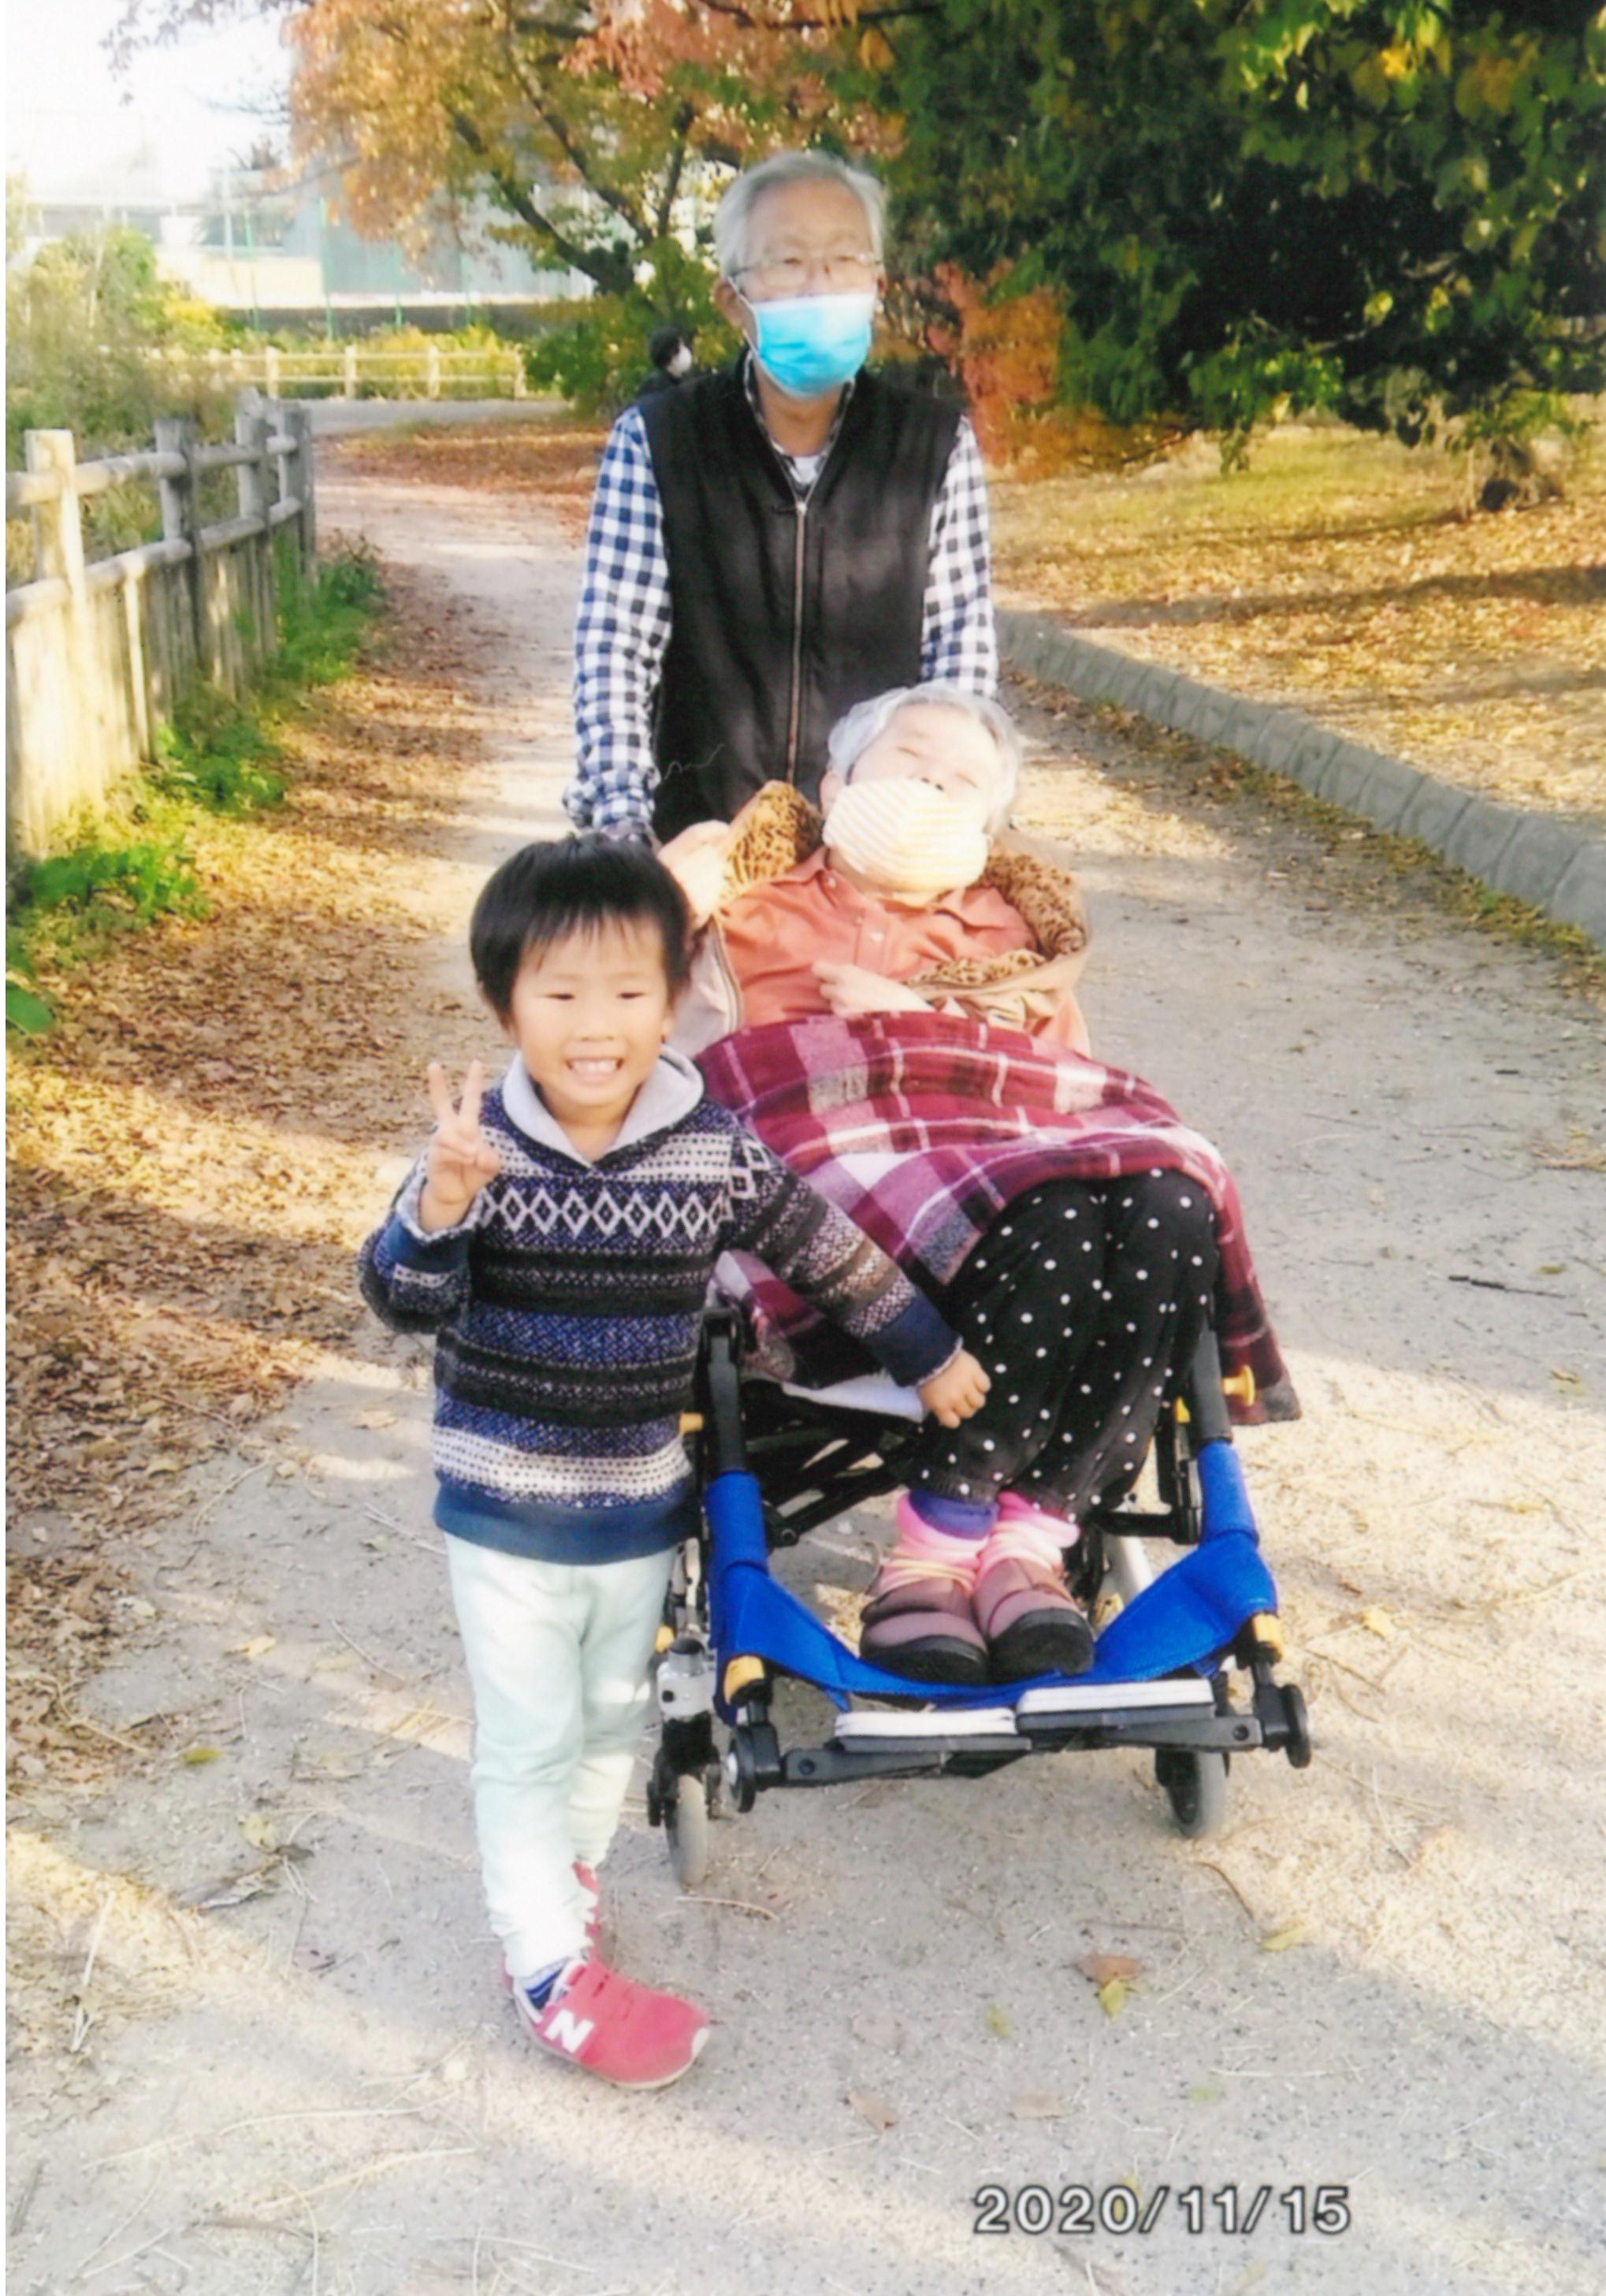 お孫さんと一緒に近所を散歩